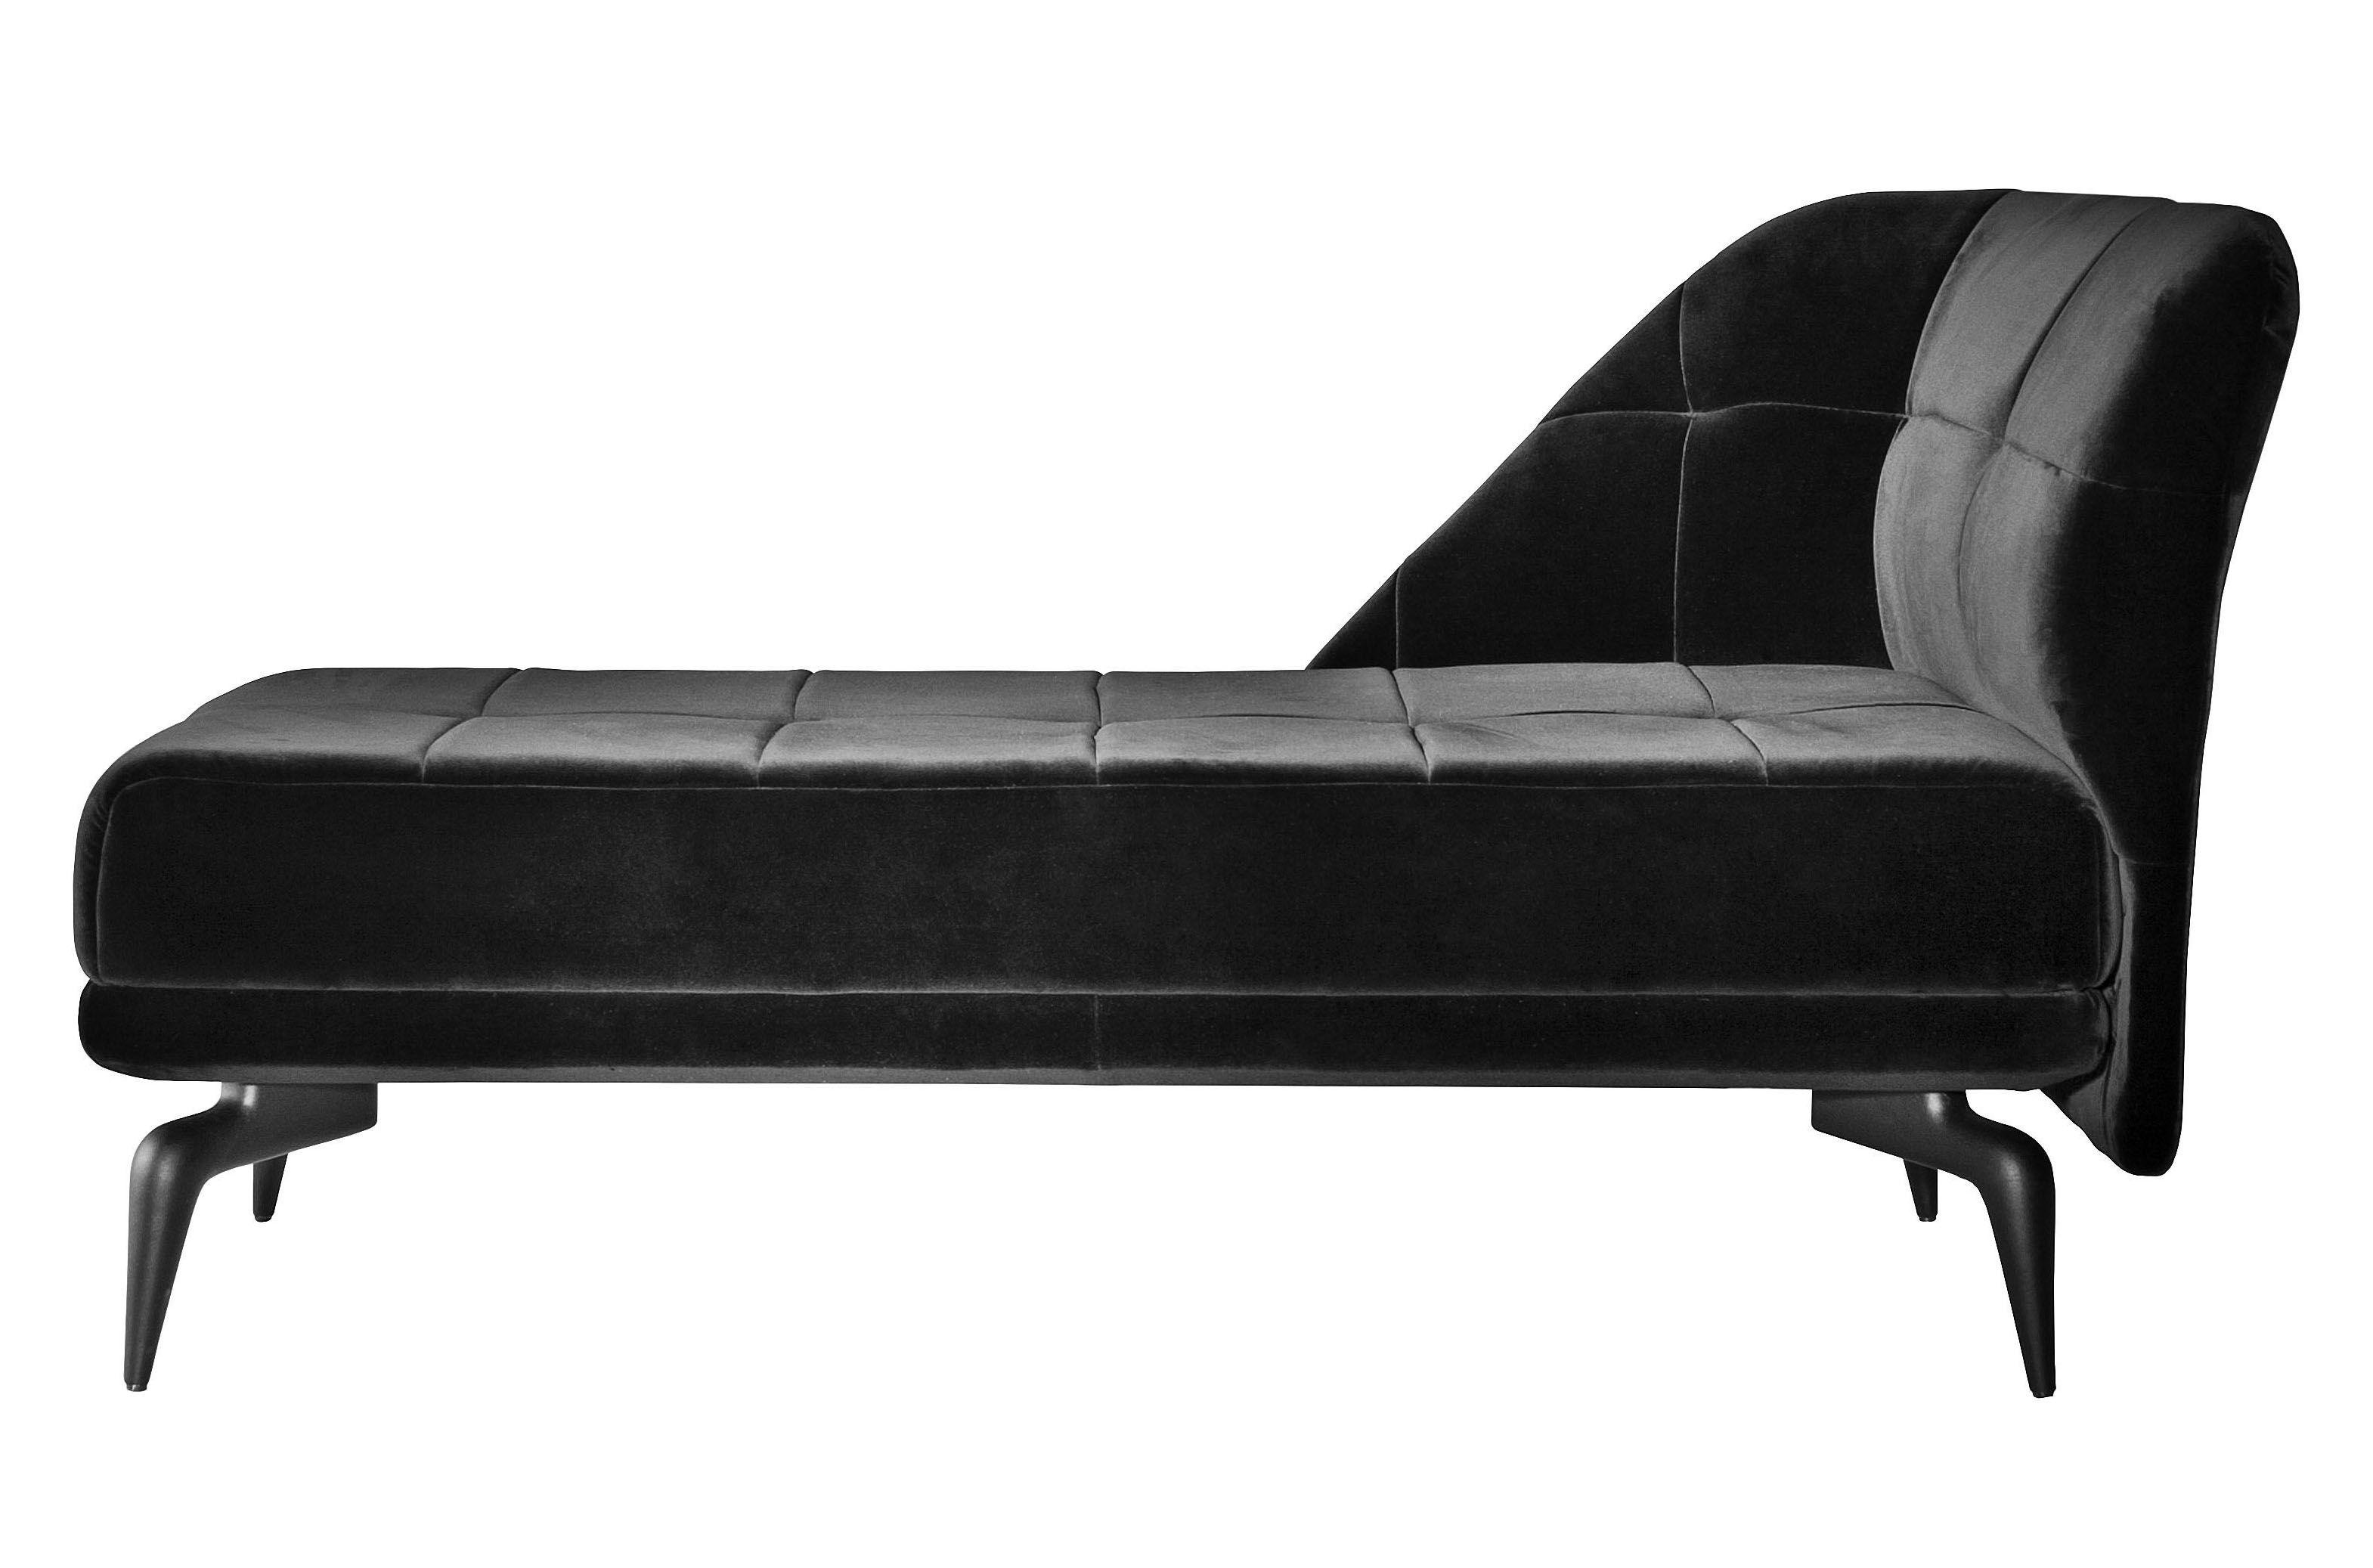 Arredamento - Divani moderni - Meridiana Leeon - bracciolo sinistra di Driade - Velluto nero - Alluminio laccato, Velluto